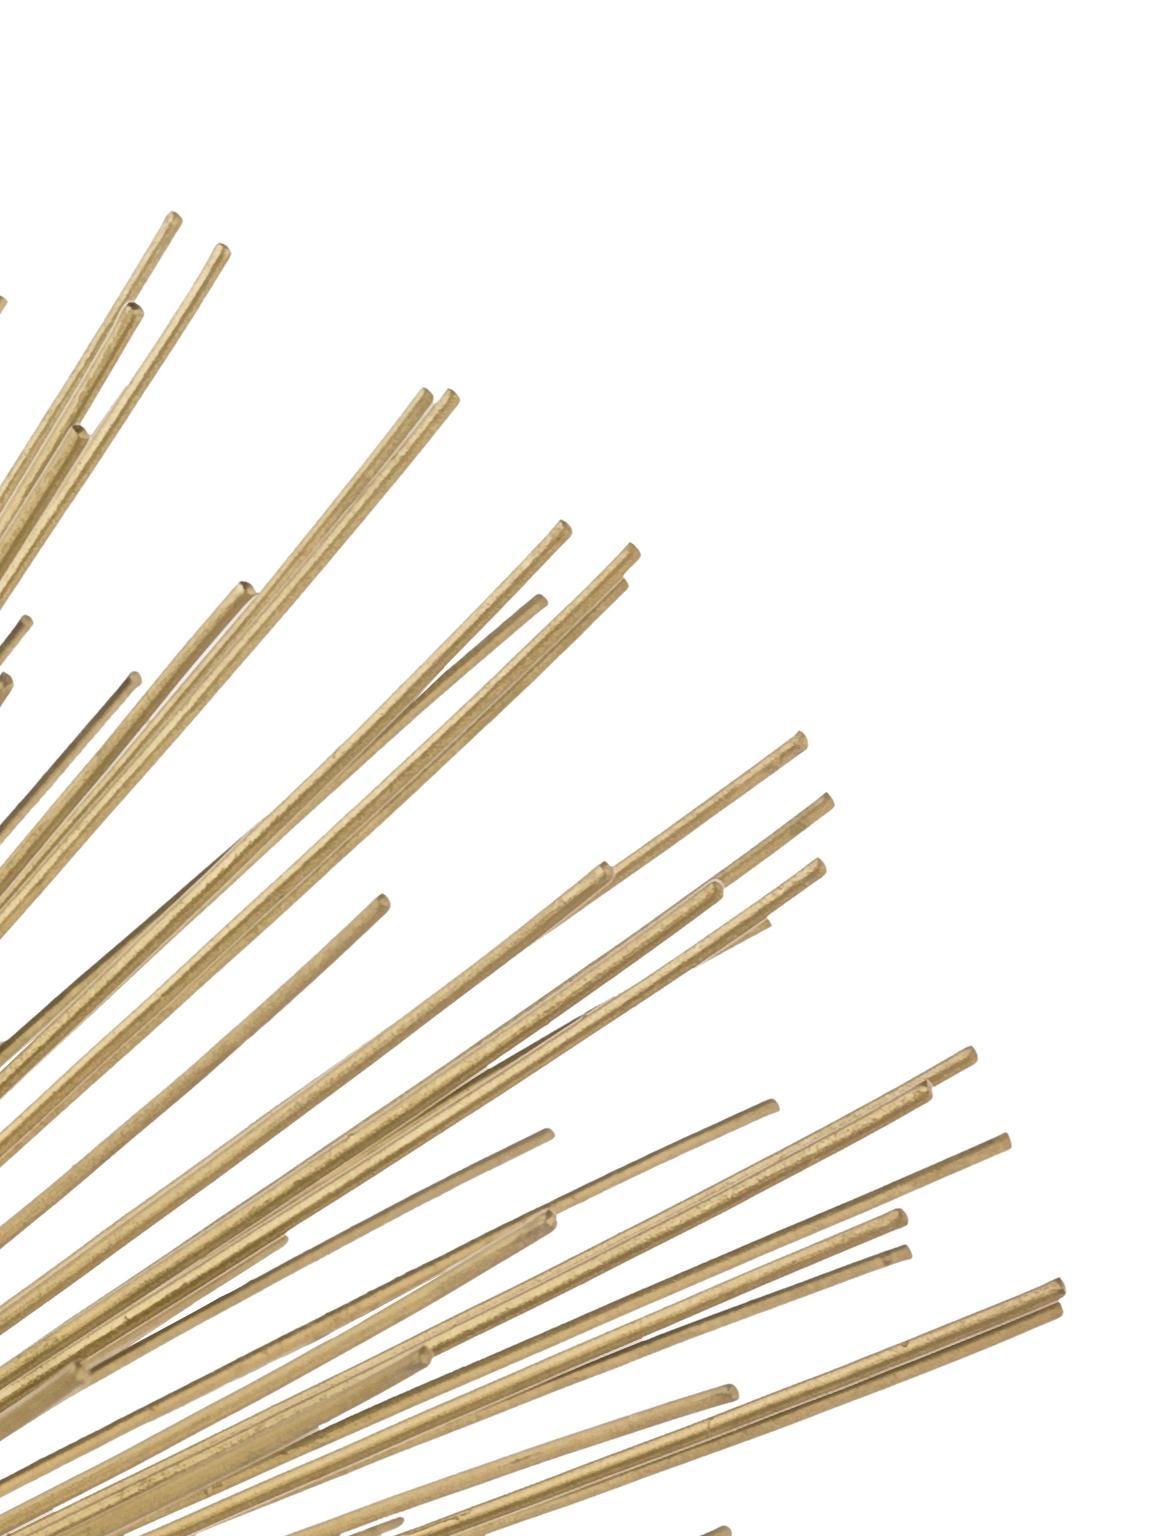 Deko-Objekt Marburch, Aufsatz: Metall, Fuß: Marmor, Unterseite: Filz, Aufsatz: Goldfarben, Fuß: Weißer Marmor, Ø 16 x H 11 cm